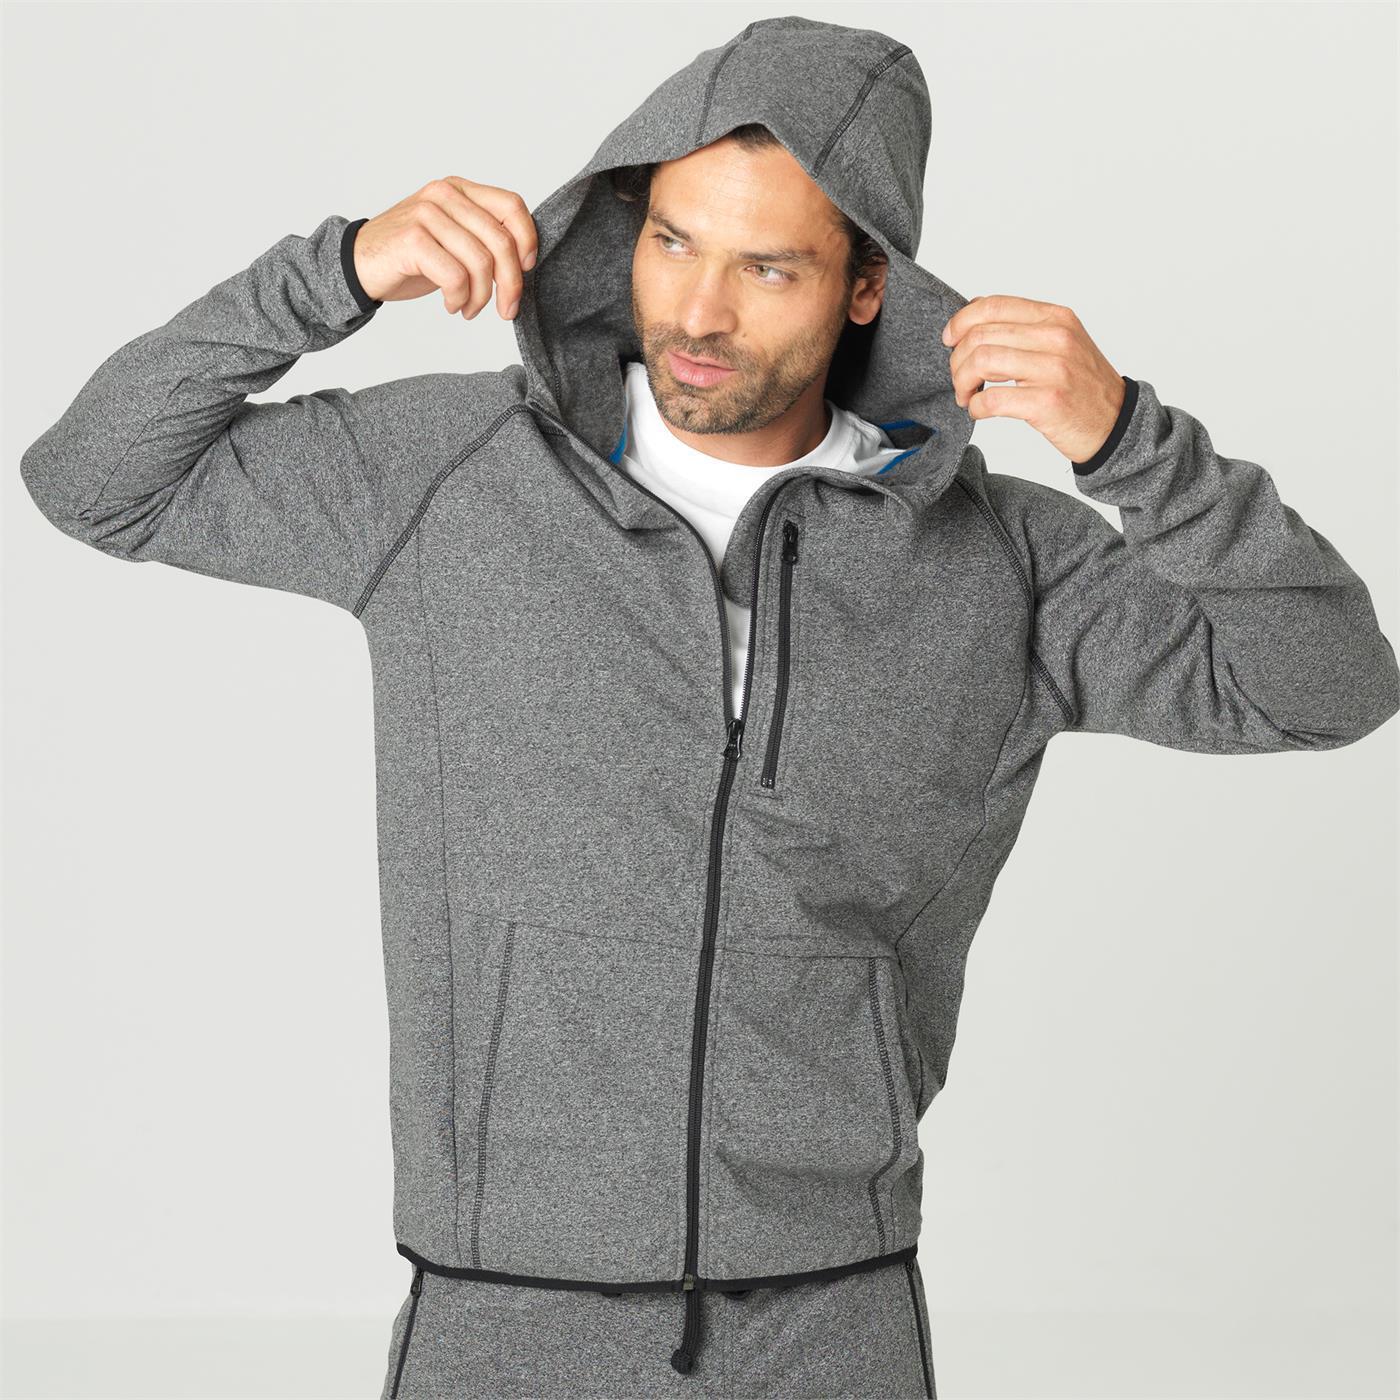 für flauschig angerauht Jogging Jacke Herrennatürlich Bio Bio Sportbekleidung kN80wXZOPn